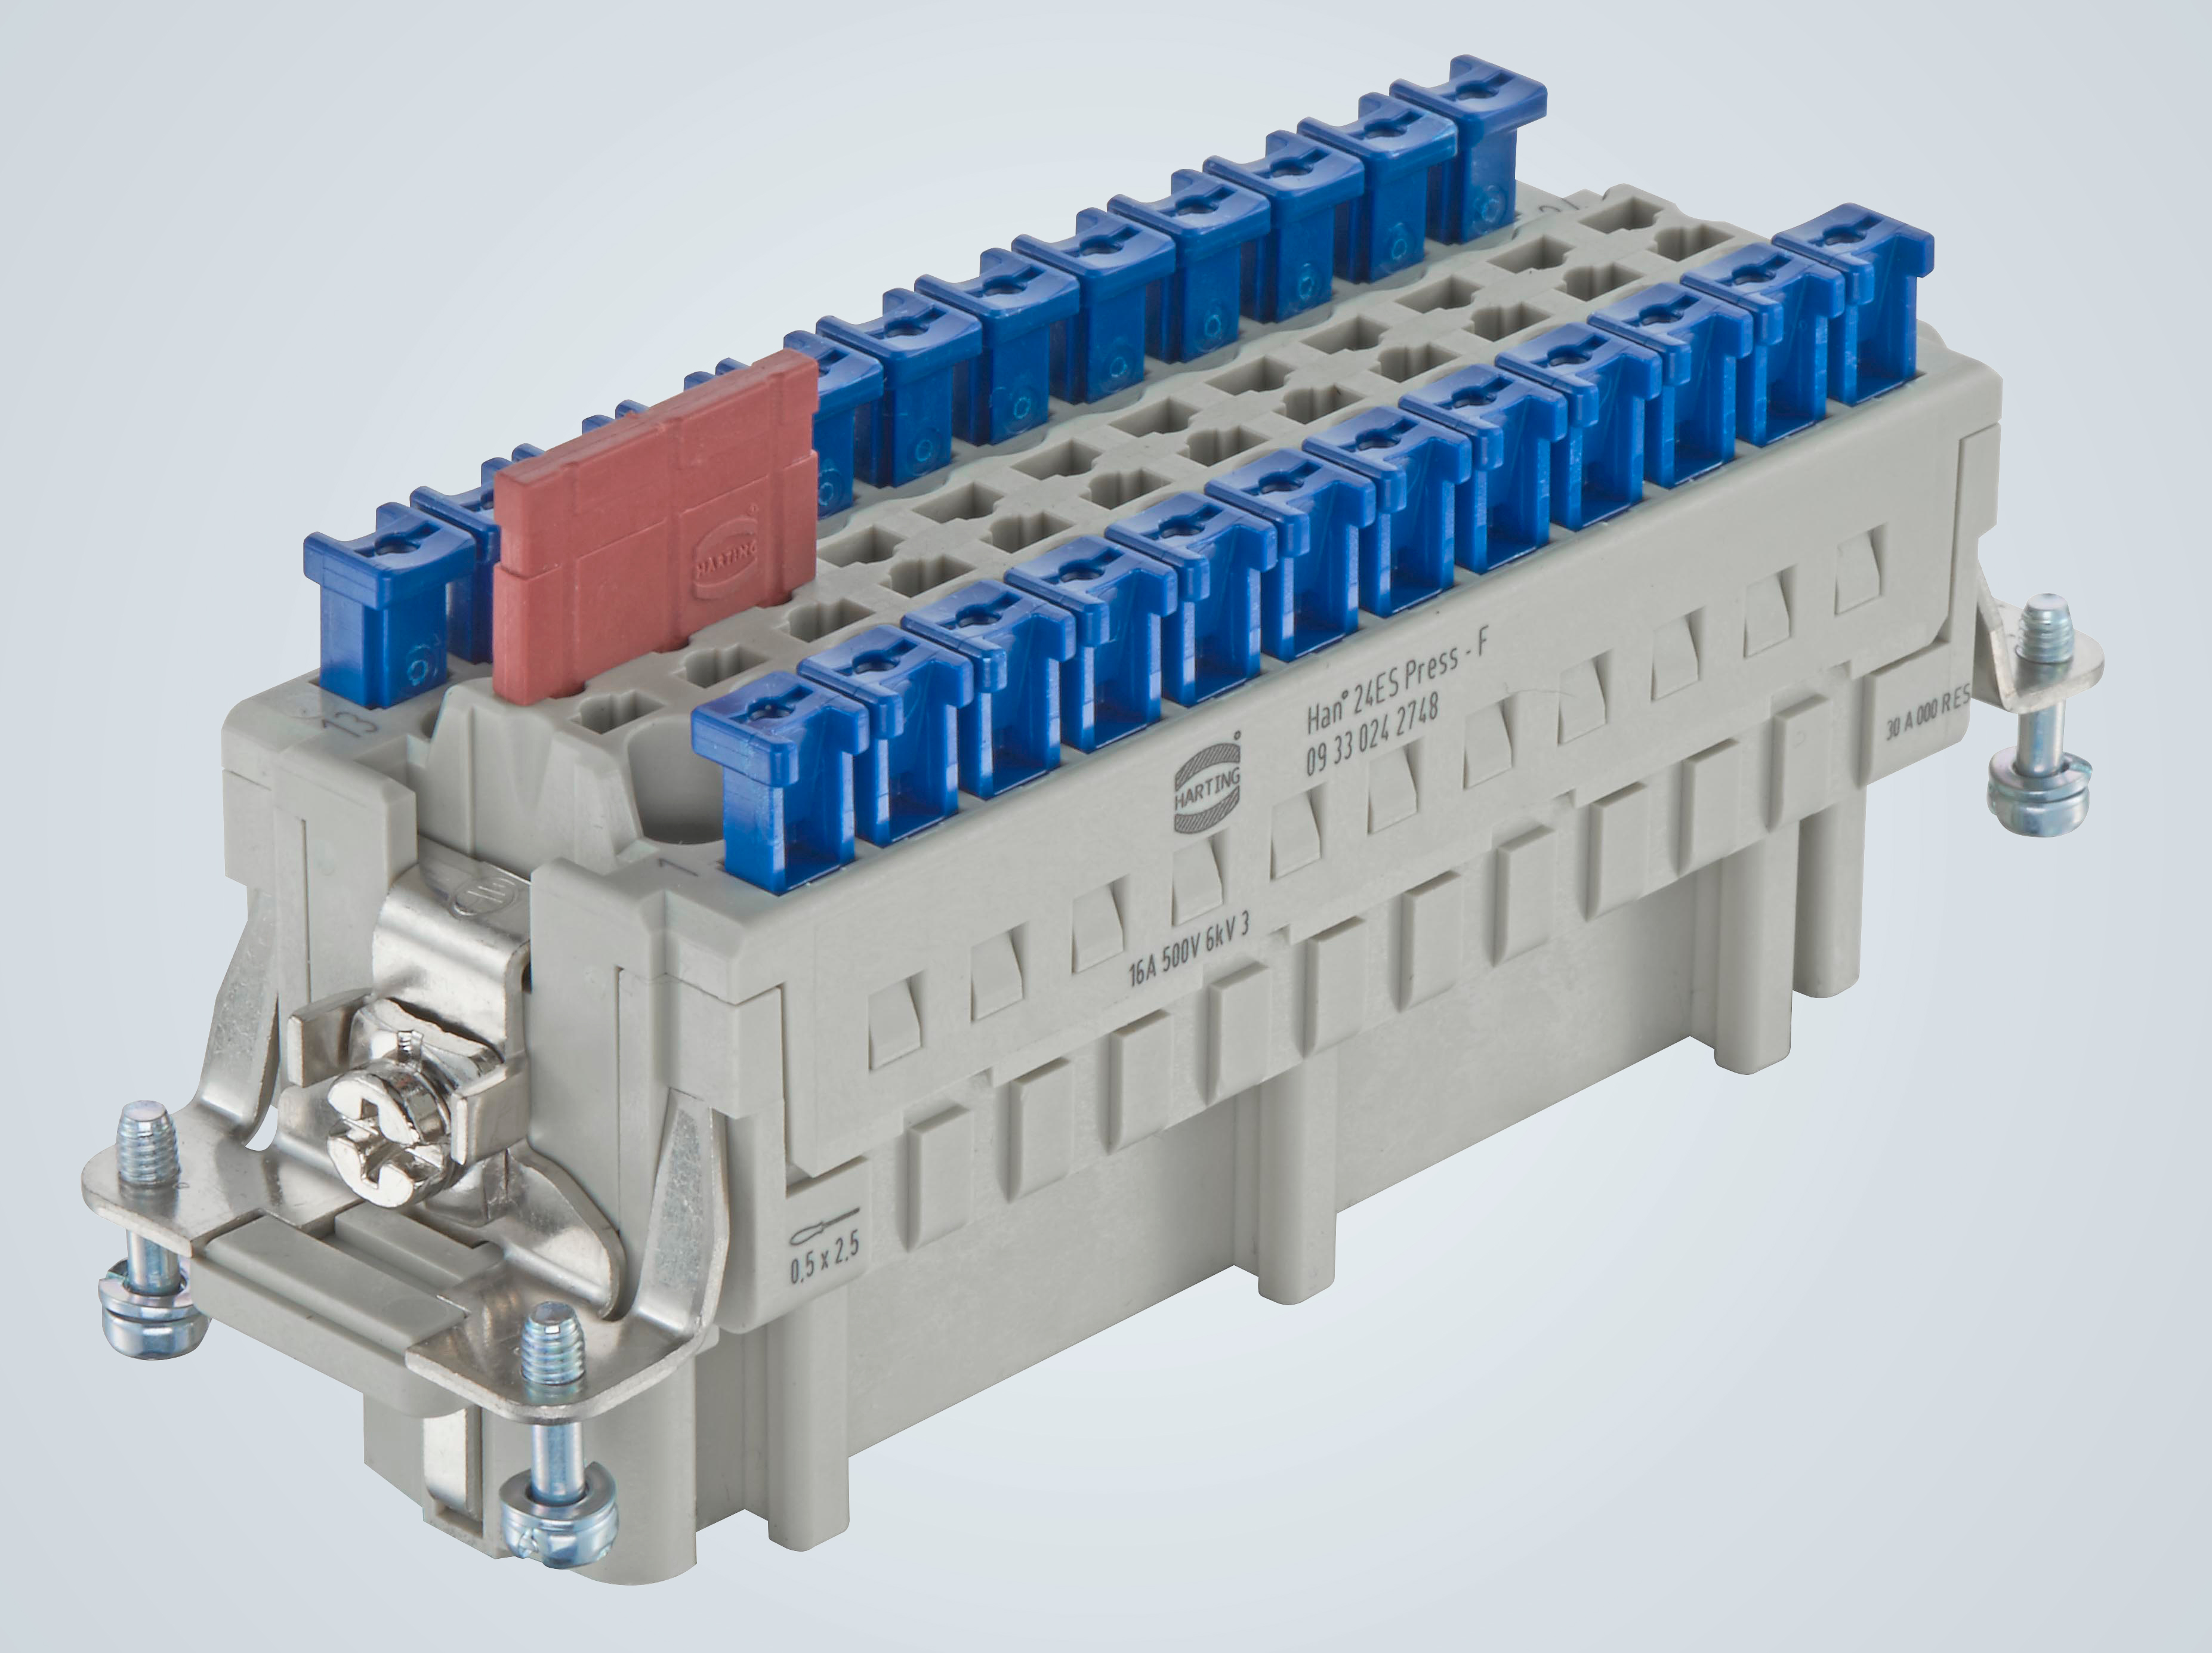 Mit dem Han® ES Press hat der Kunde die Möglichkeit, im Feld schnell eine werkzeuglose Verdrahtung oder Änderung vorzunehmen (Foto: HARTING)